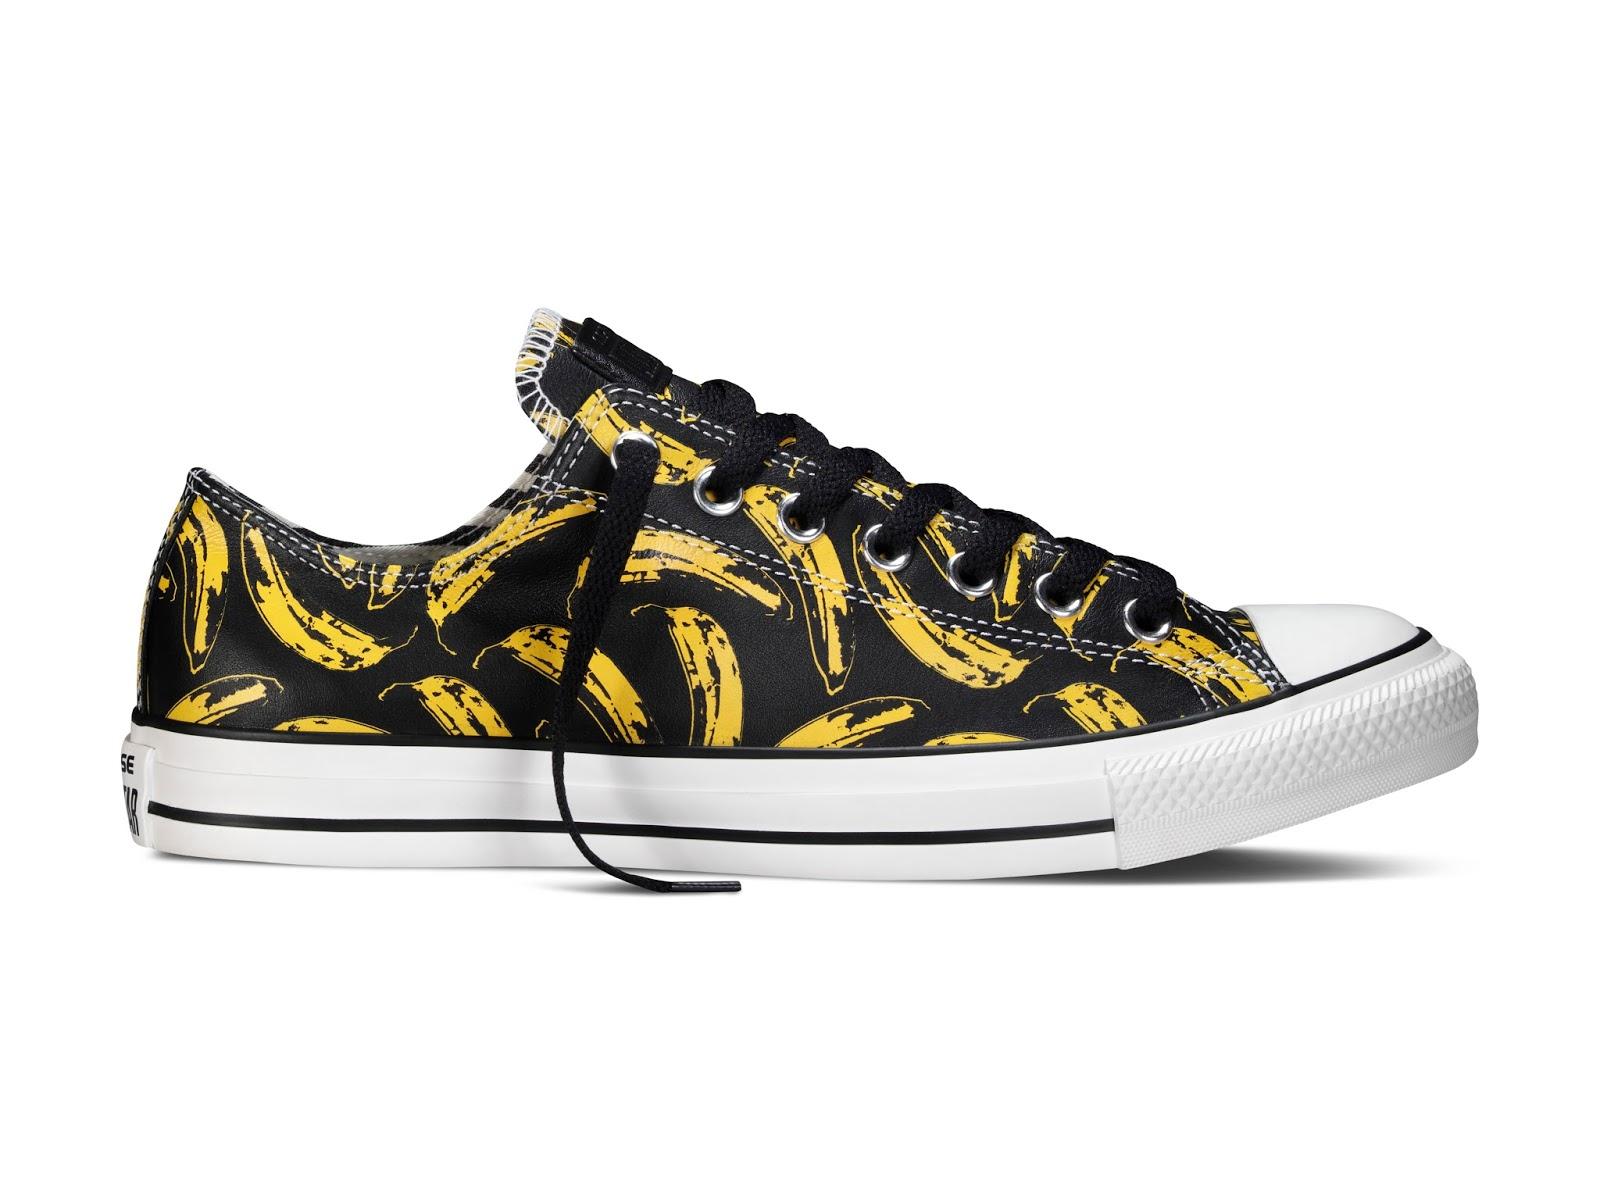 converse x andy warhol banana